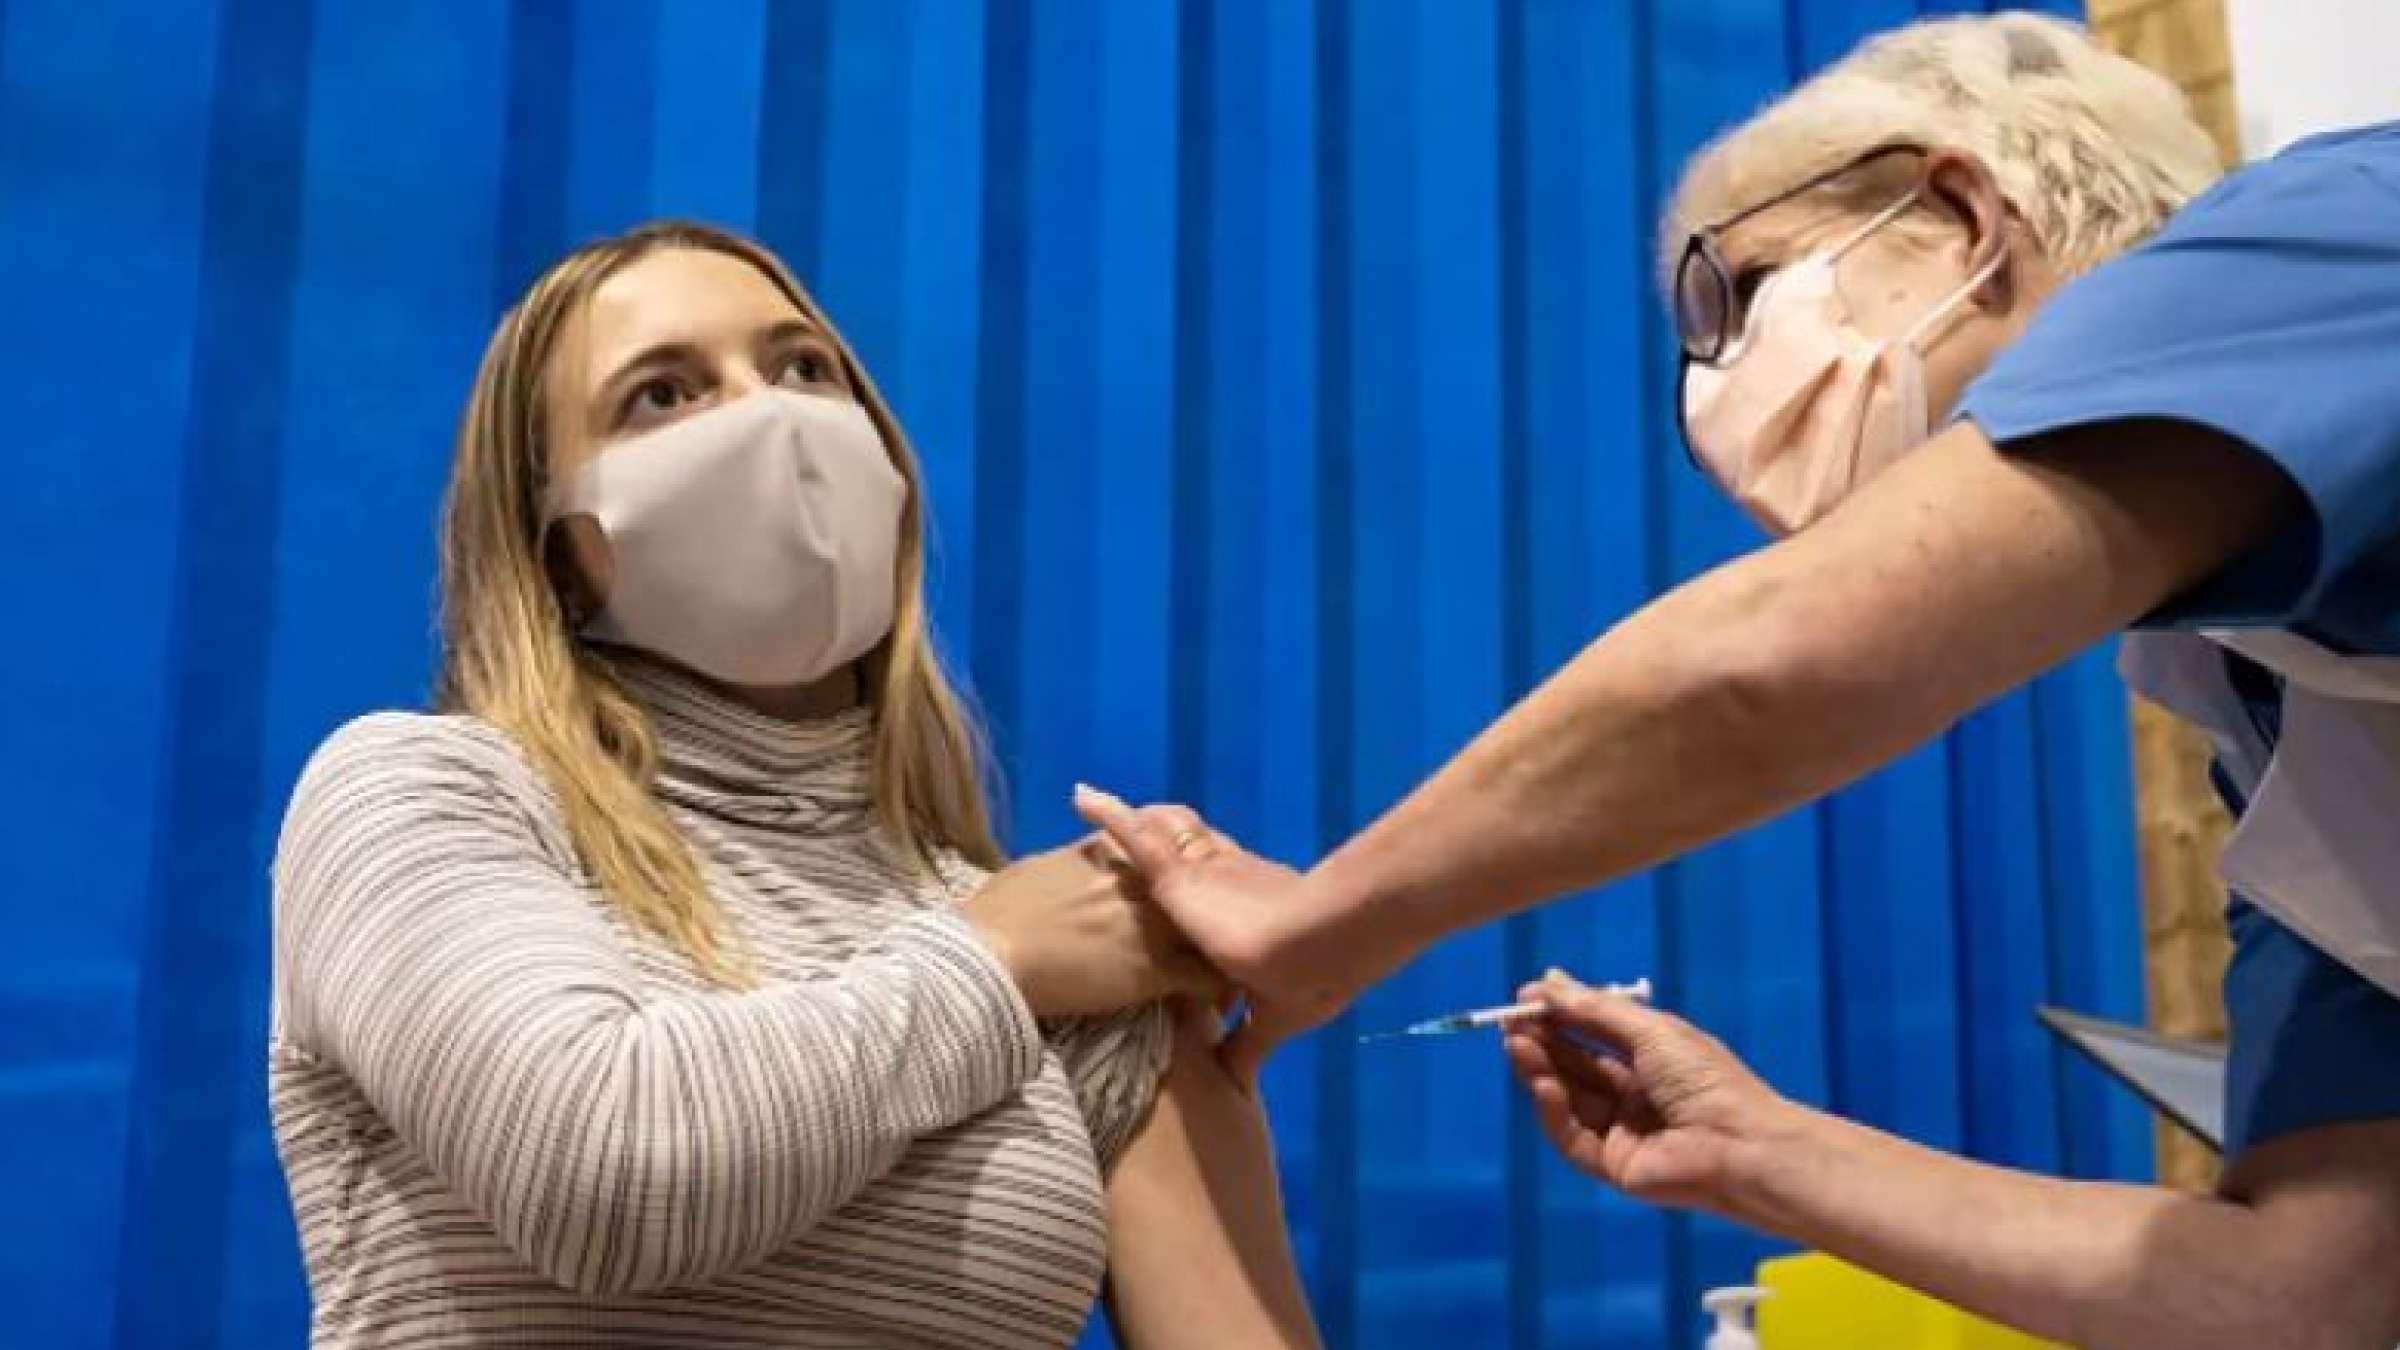 چه-زمانی-نوبت-شما-برای-تزریق-واکسن-کرونا-فرا-می-رسد-واکسن-کرونا-را-از-کجا-تهیه-کنیم-چه- کسانی-نباید-واکسن-بزنند